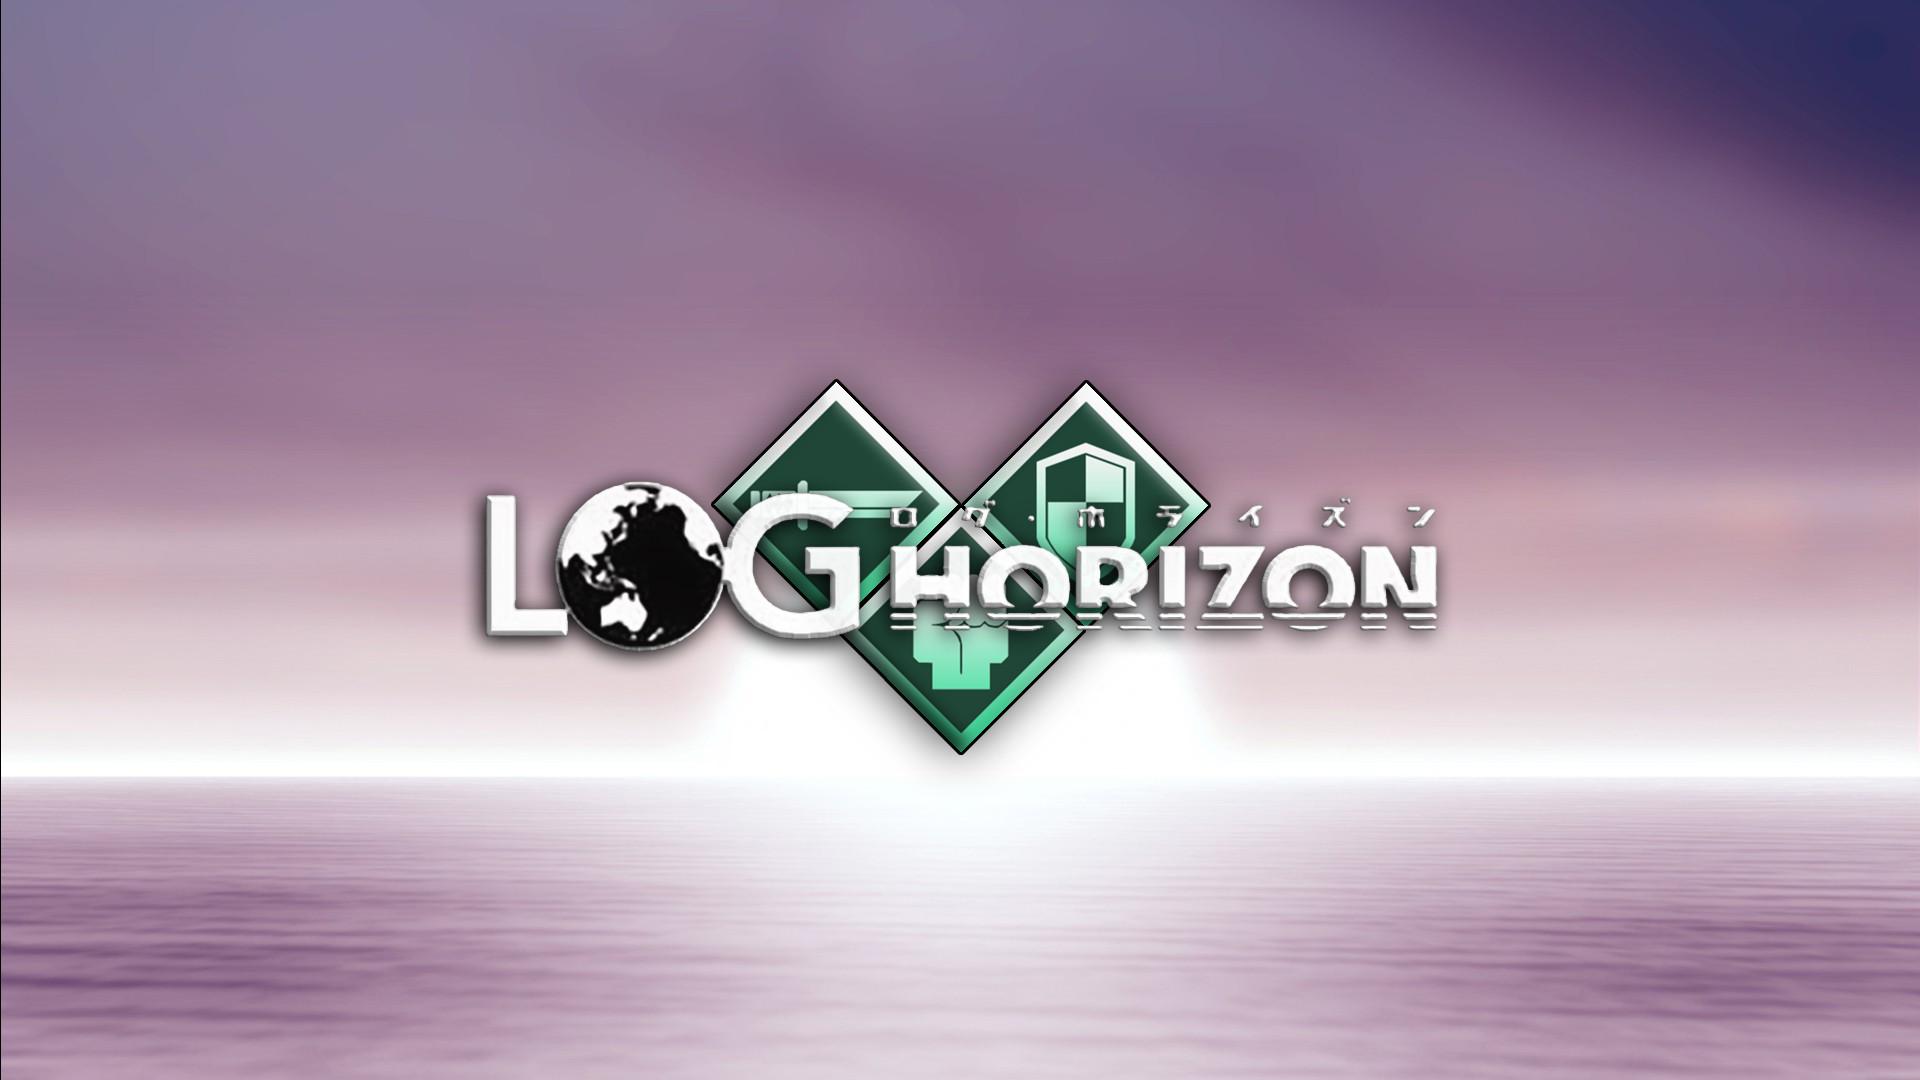 Log Horizon wallpaper 29